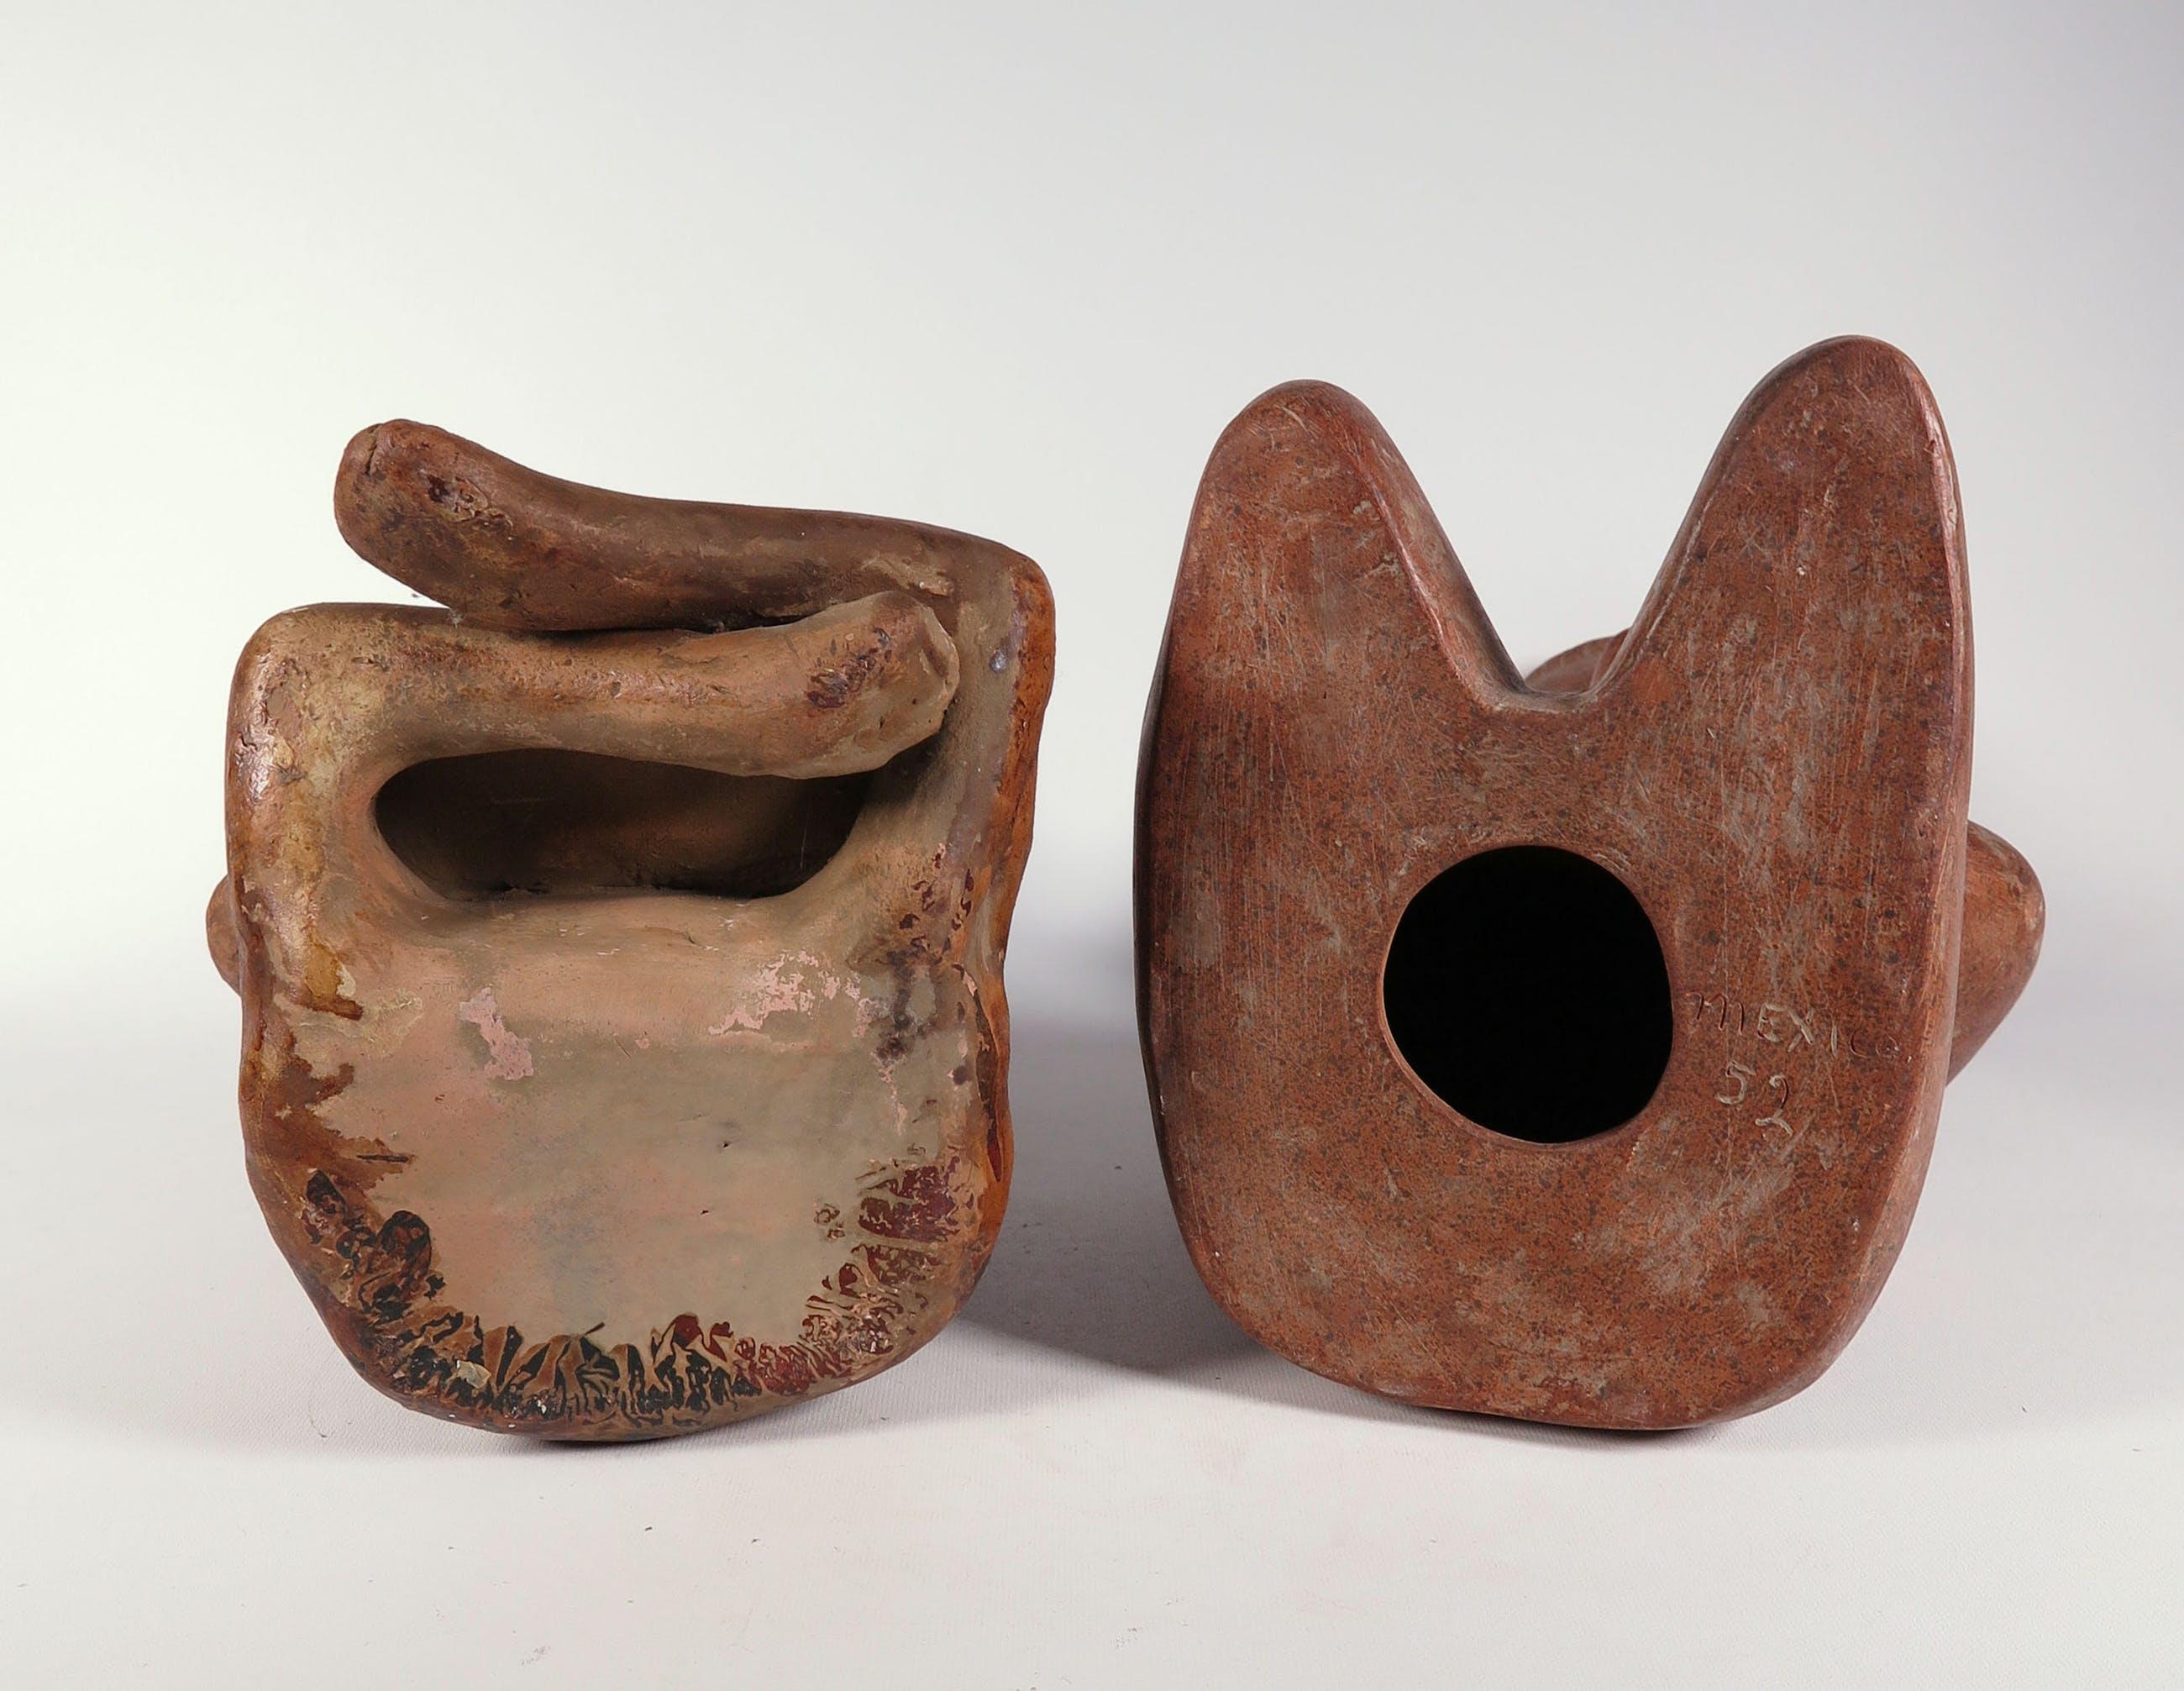 Niet of onleesbaar gesigneerd - Terracotta, Lot van twee sculpturen kopen? Bied vanaf 10!